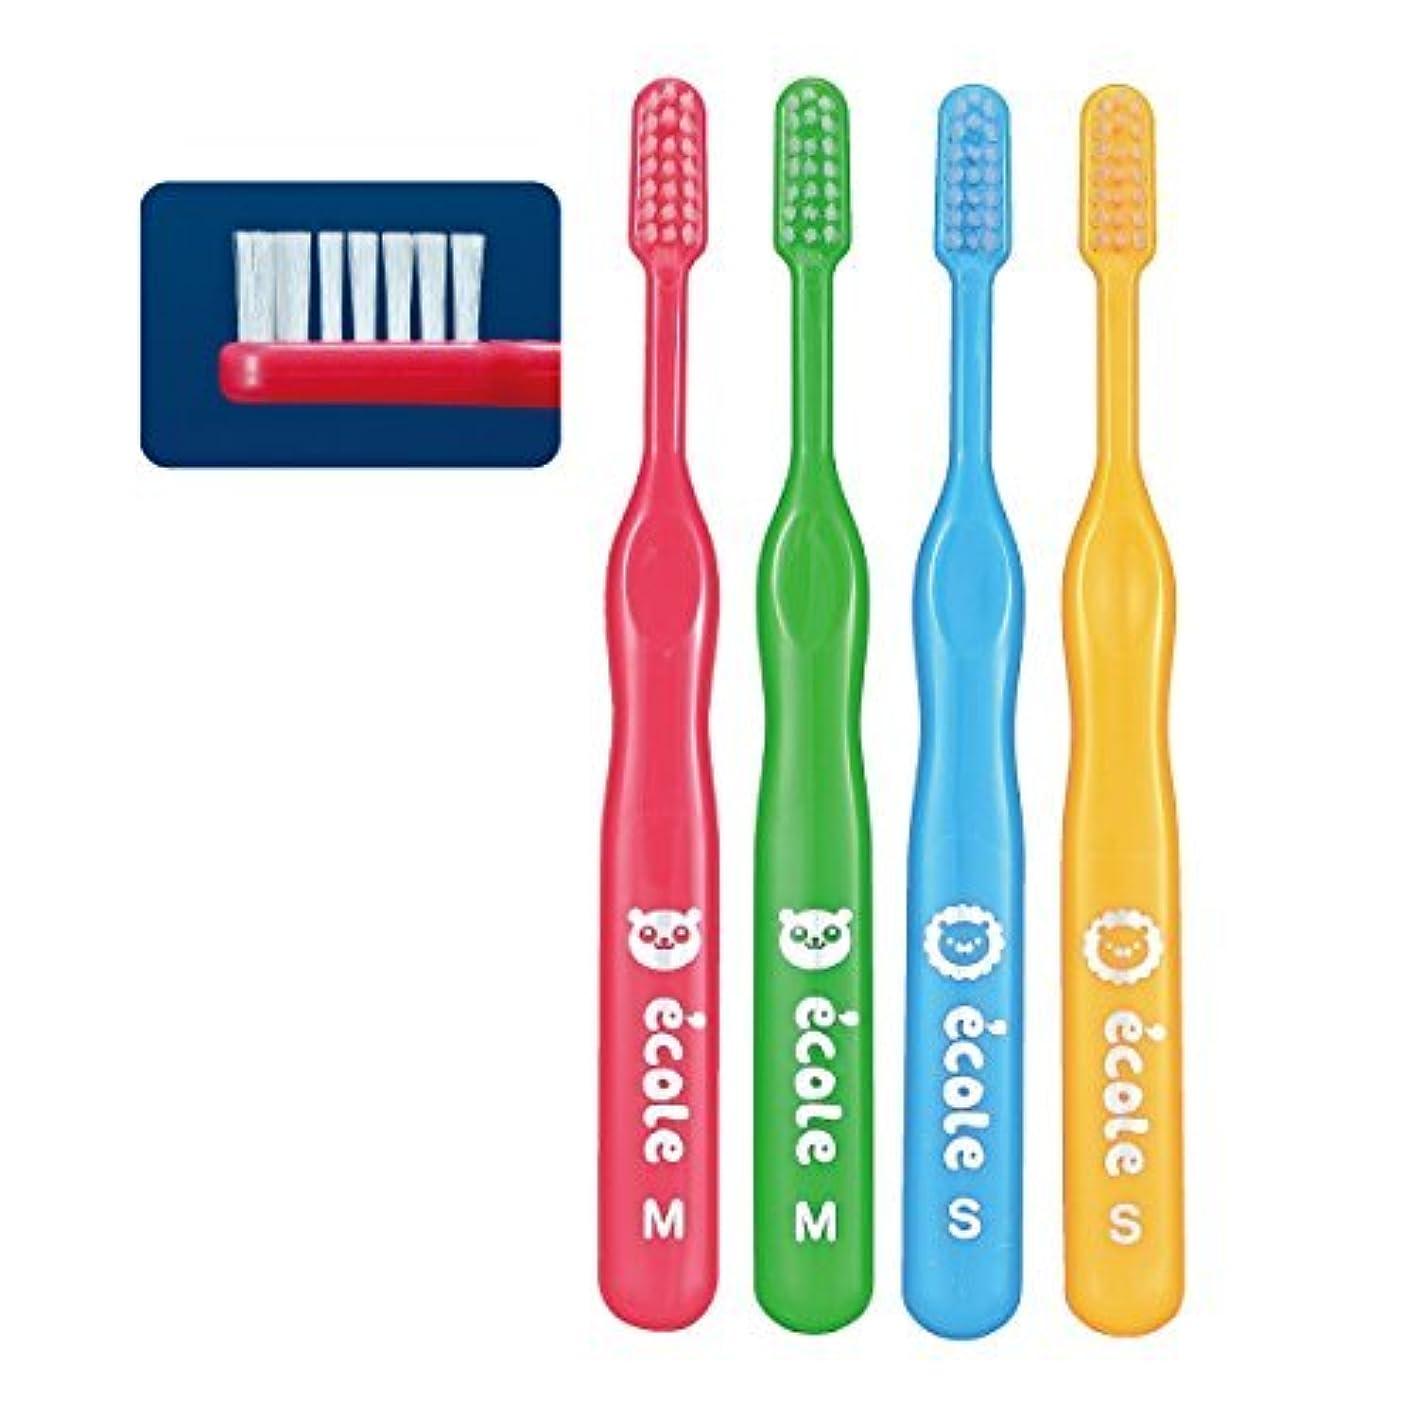 鉛筆タフバッチリセラ エコル 幼児~小学生用歯ブラシ Sやわらかめ 10本入り